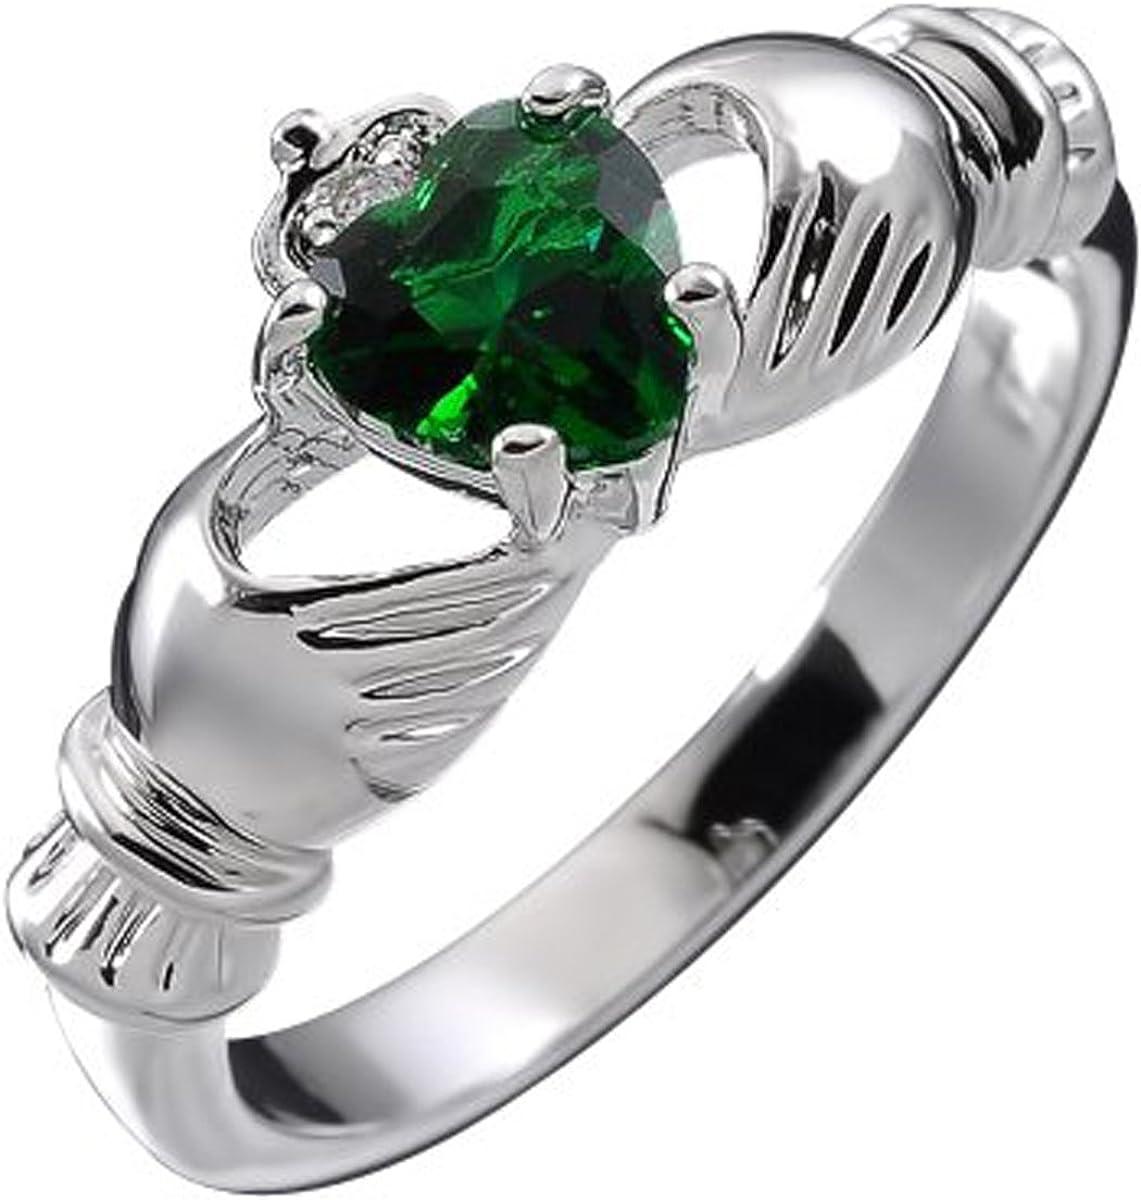 GWG Jewellery Anillos Mujer Regalo Anillo de Claddagh Plata de Ley Dos Manos Que Rodean Corazón de Circonita de Color Esmeralda Verde con Corona para Mujeres